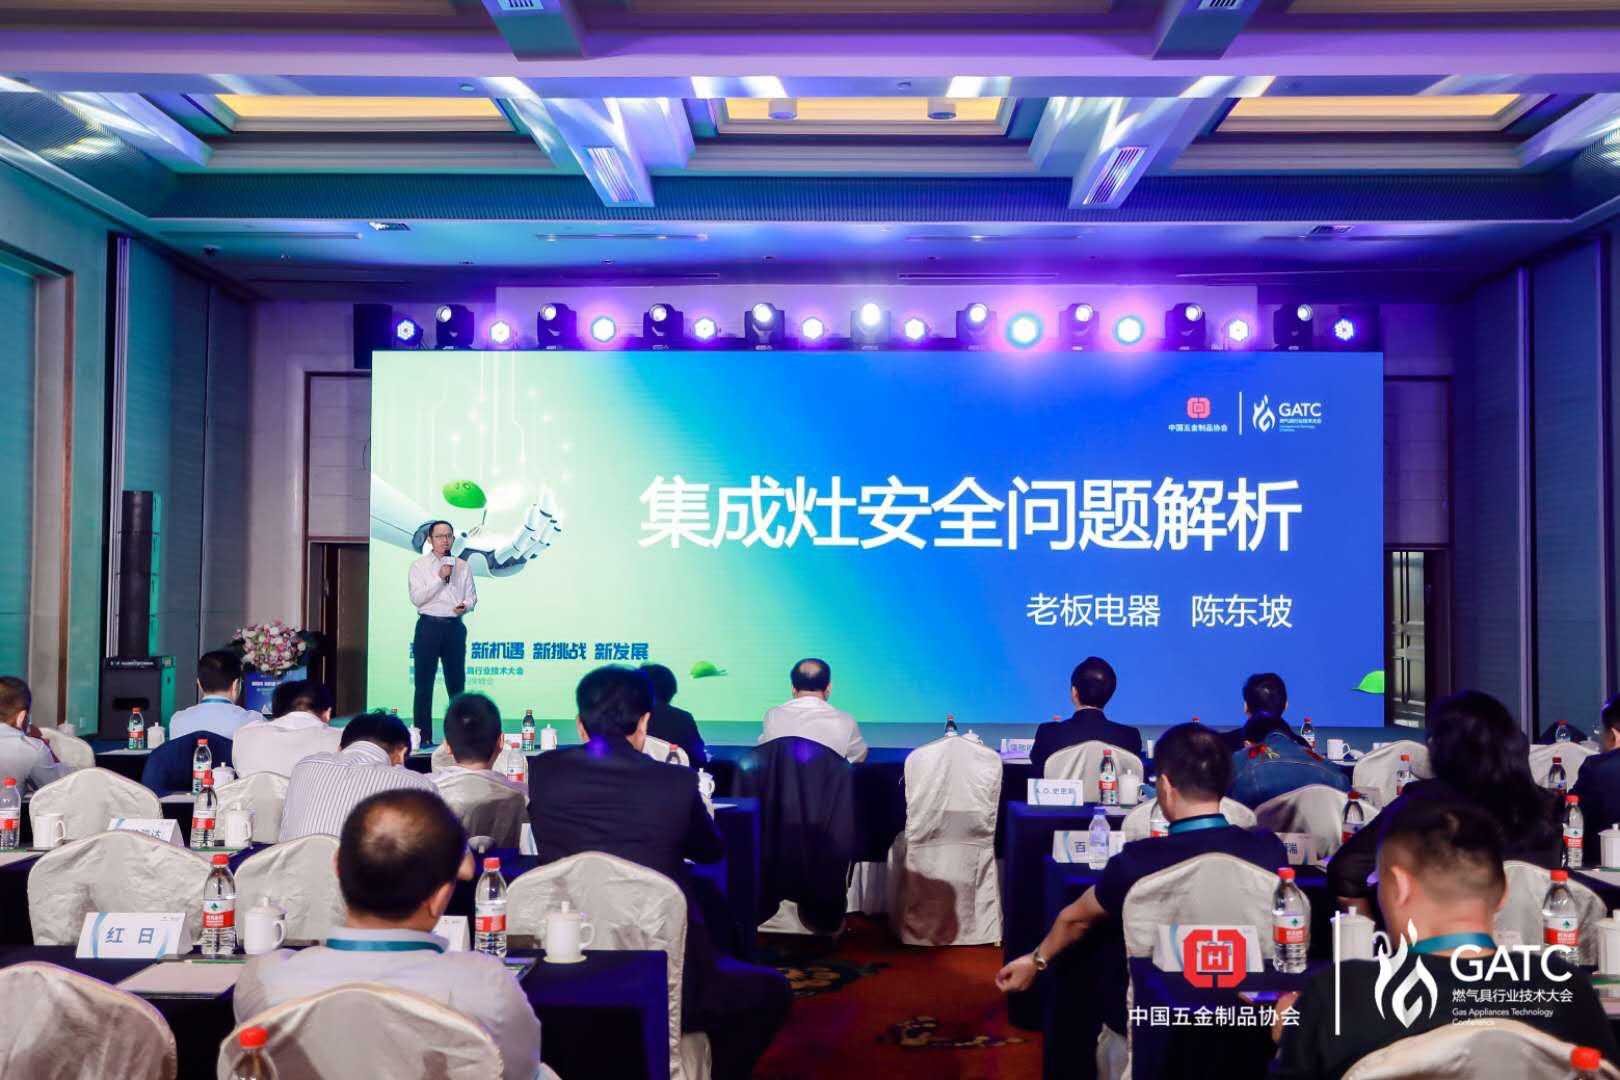 老板电器出席第二届中国燃气具技术大会,引领灶具行业发展新趋势